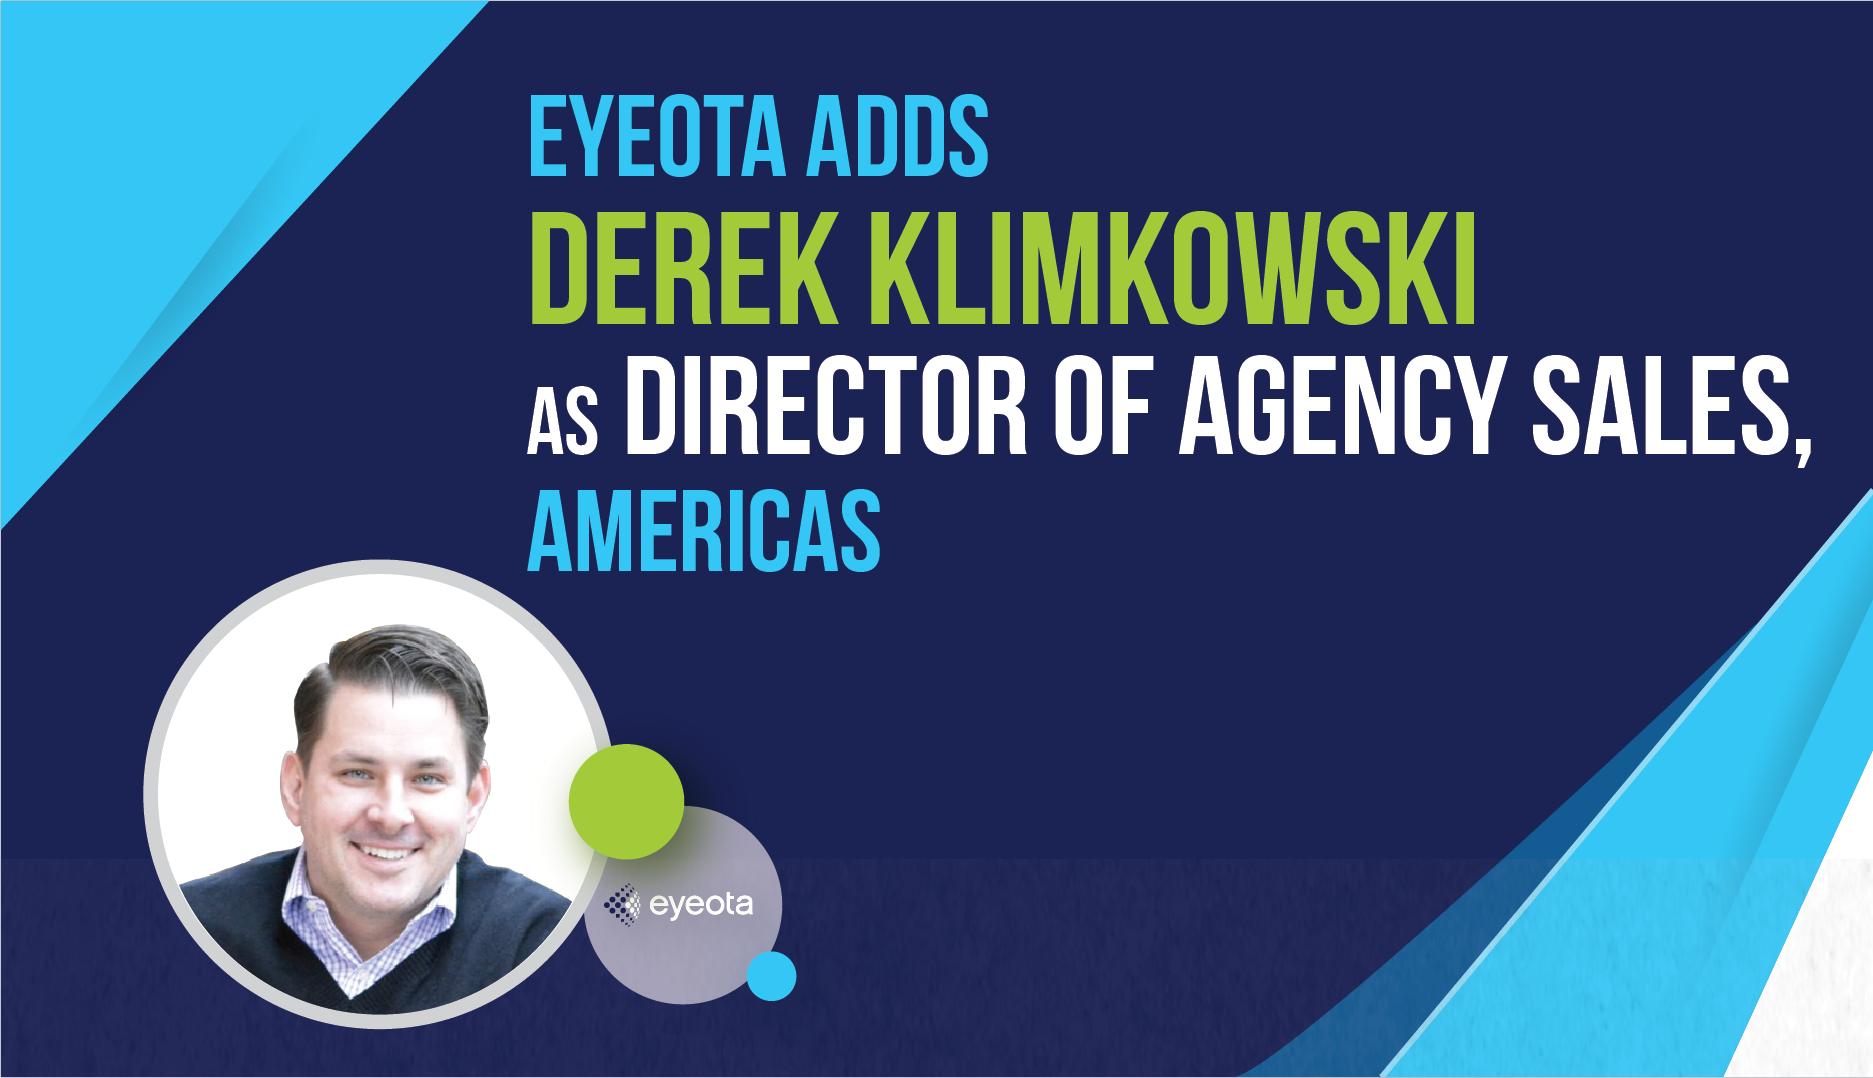 Eyeota Adds Derek Klimkowski as Director of Agency Sales, Americas